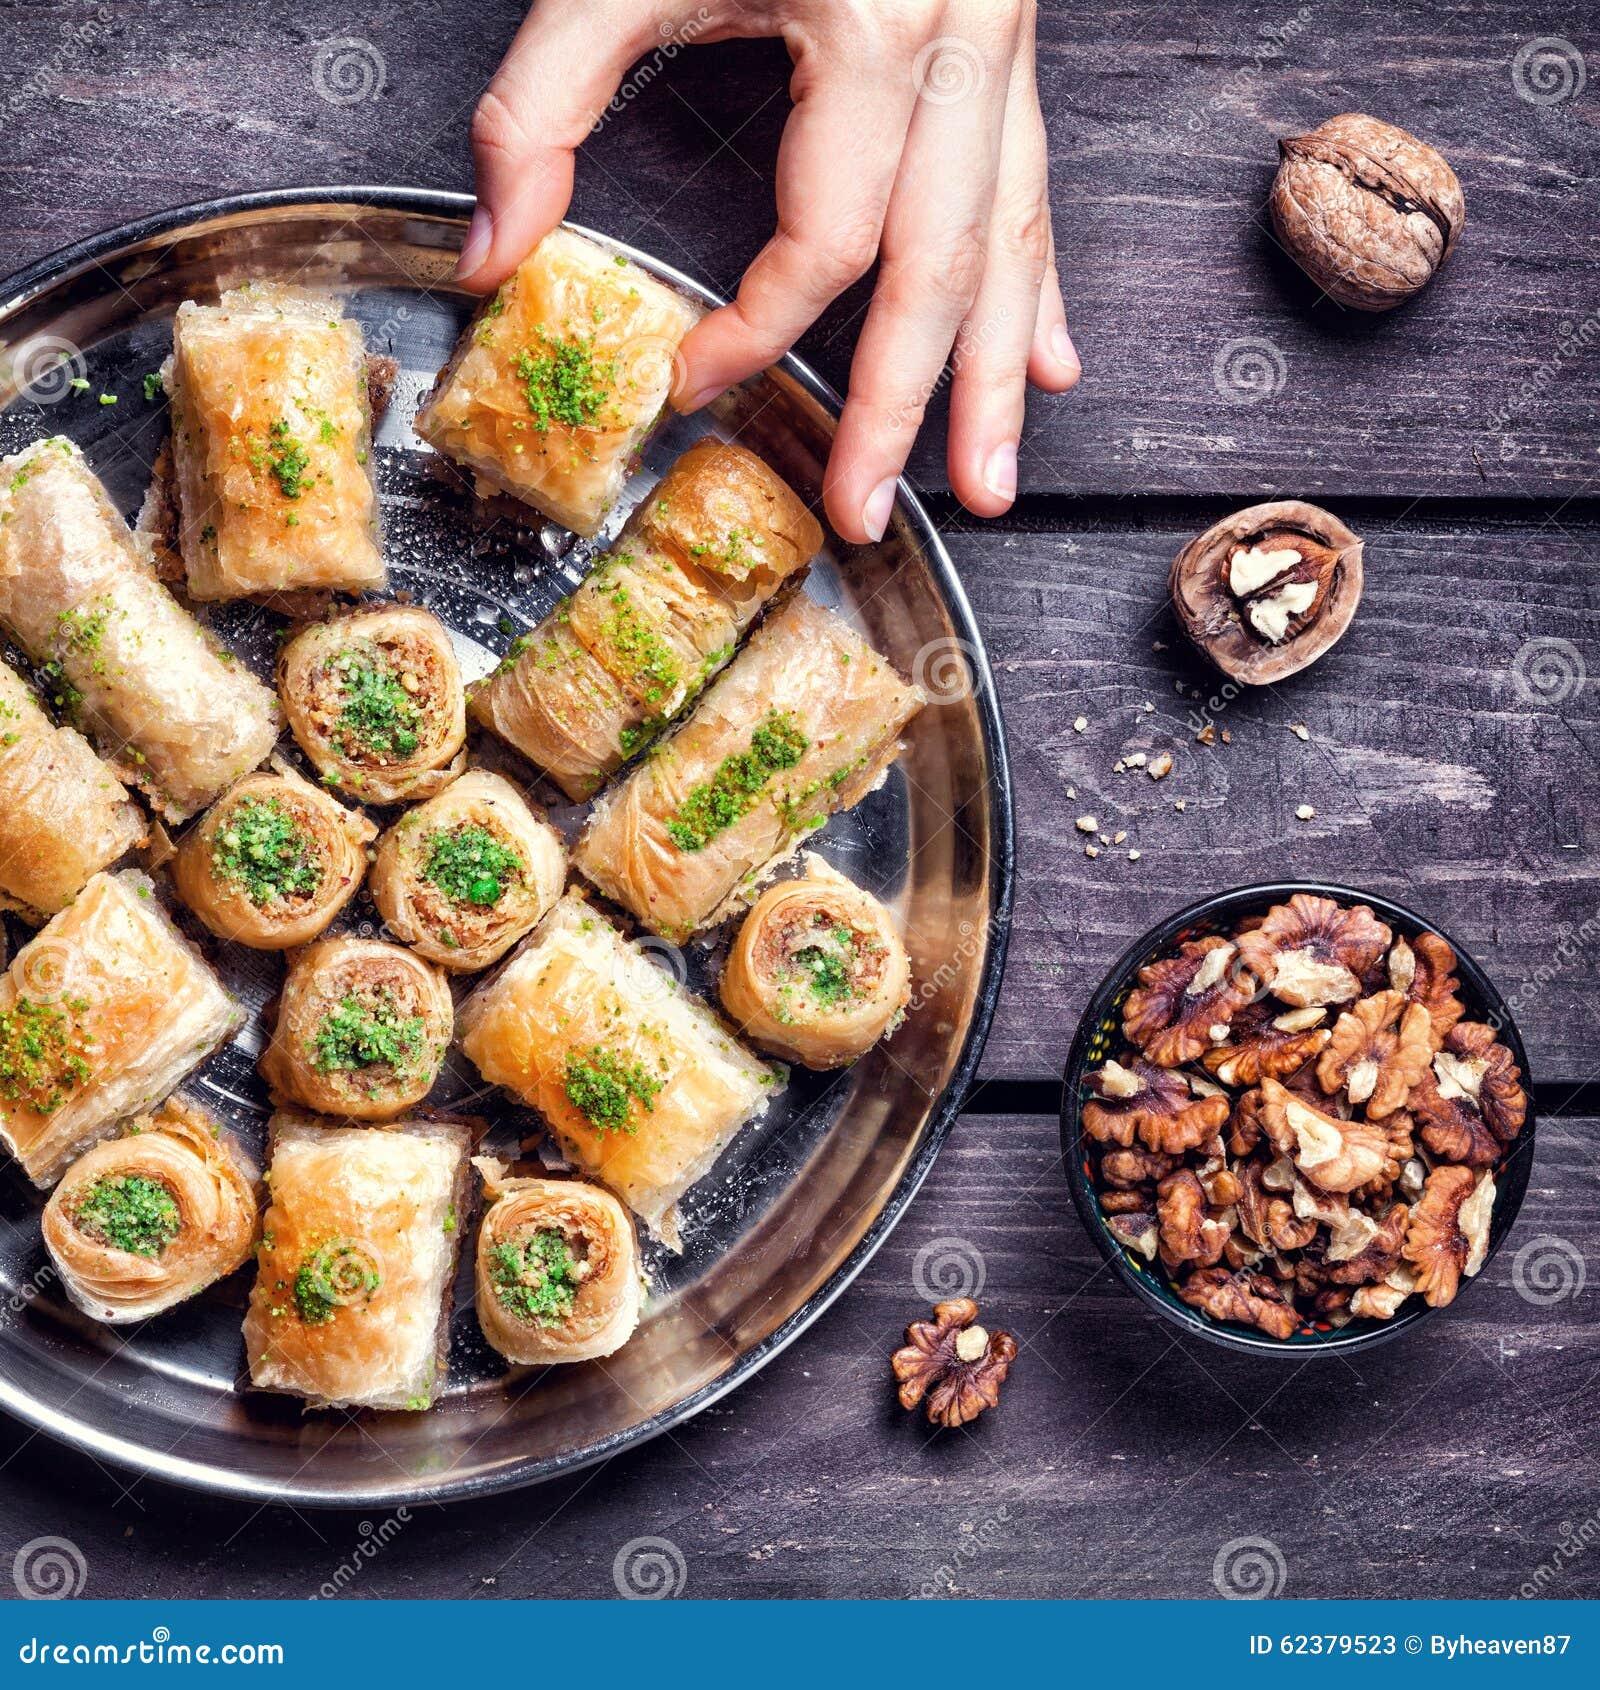 在糖果上的土耳其a糖果漫画仁蜜酥饼怎么木桌的头人物画图片